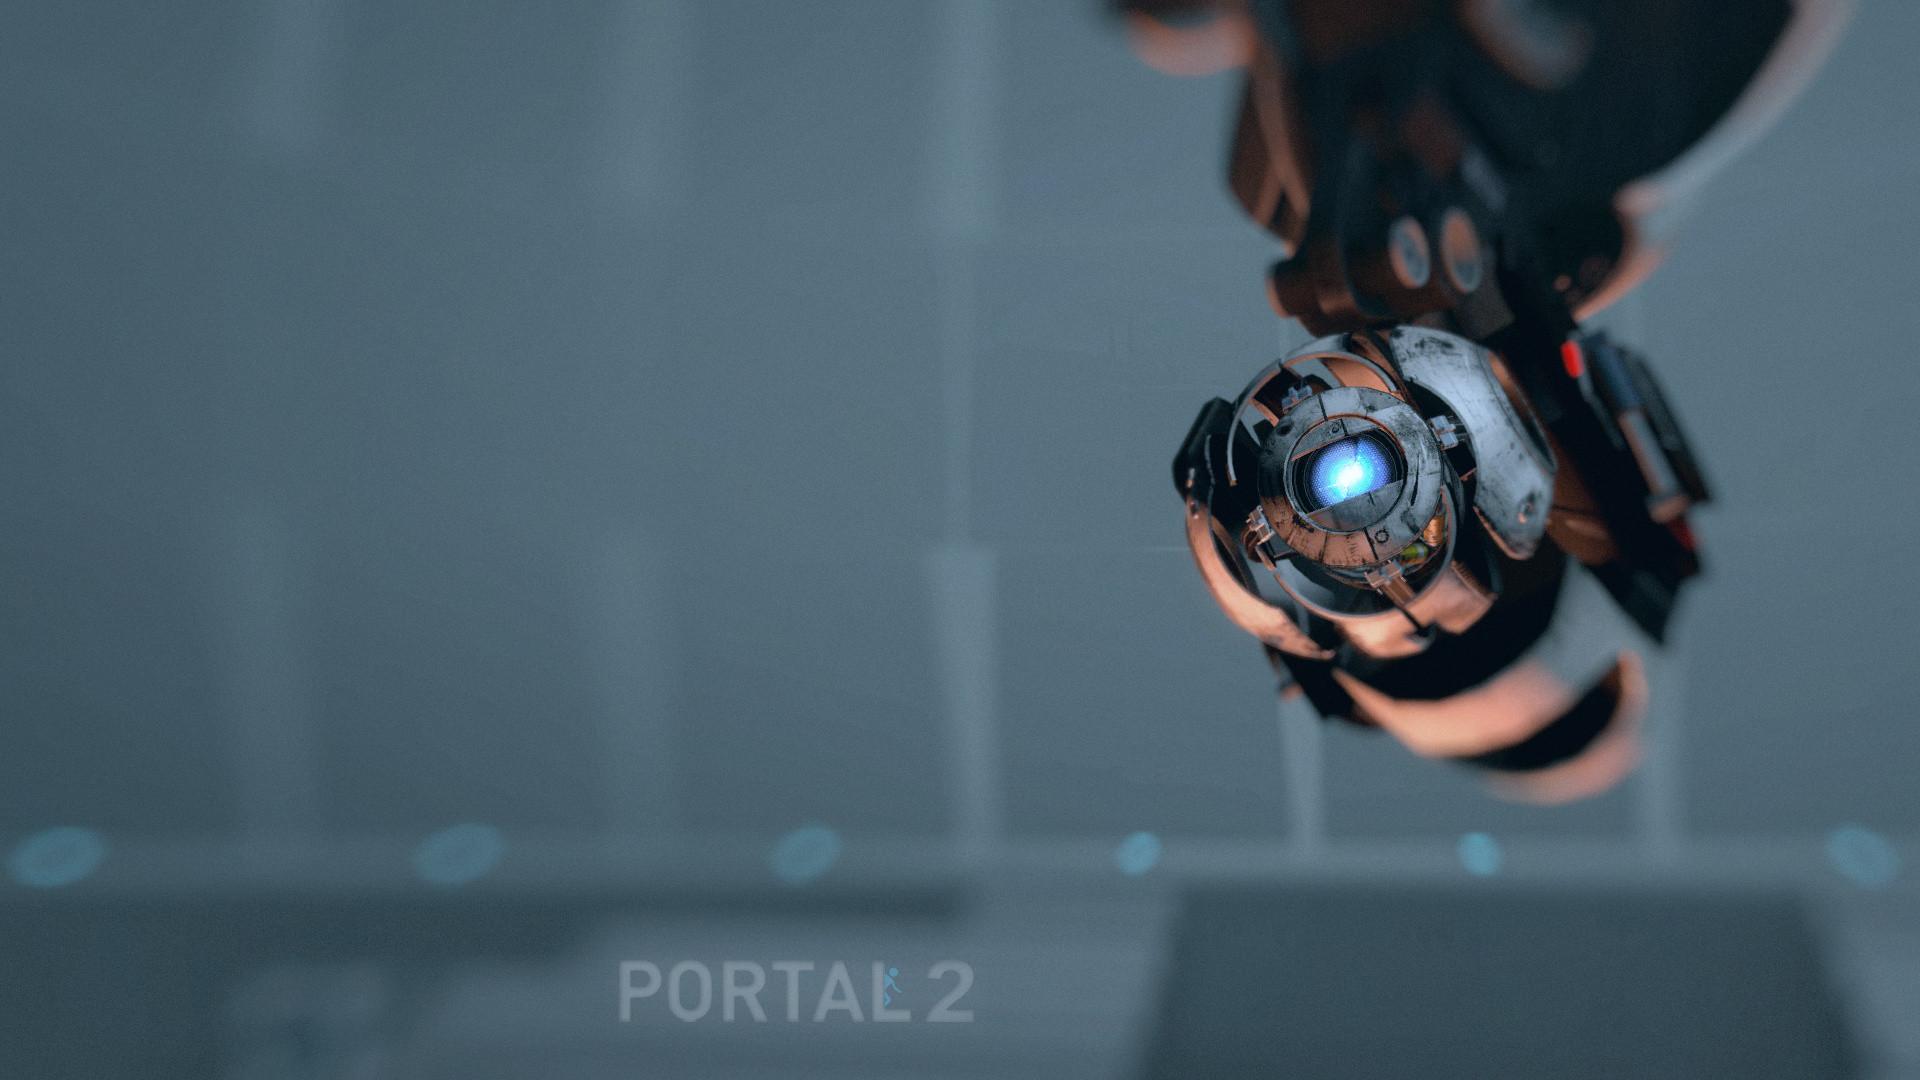 Portal 2, Wheatley, Glados, Aperture Science